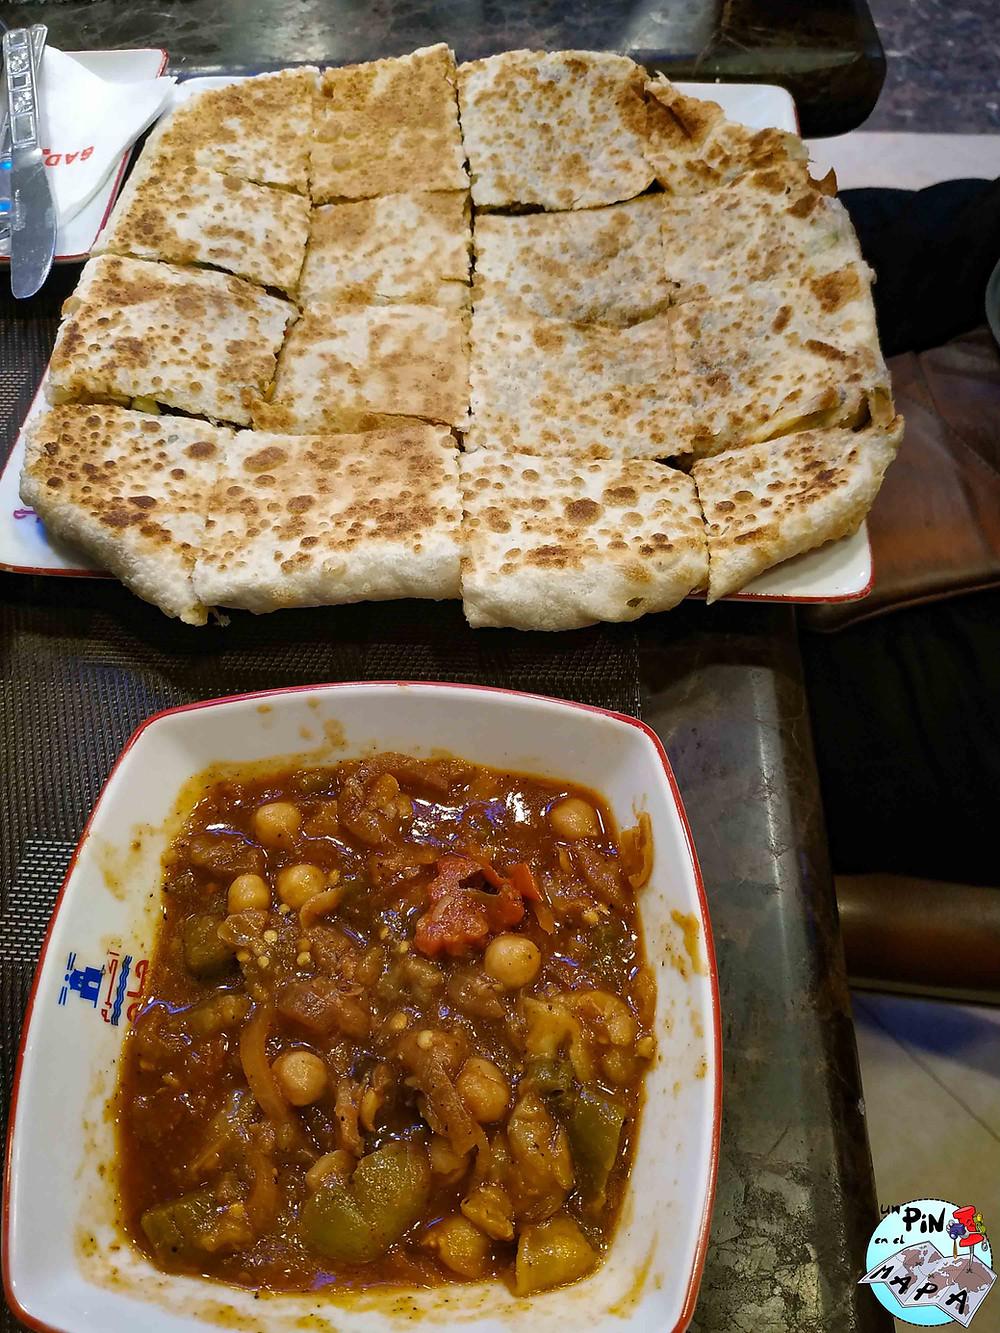 Restaurante Gad, Cairo | Un Pin en el Mapa